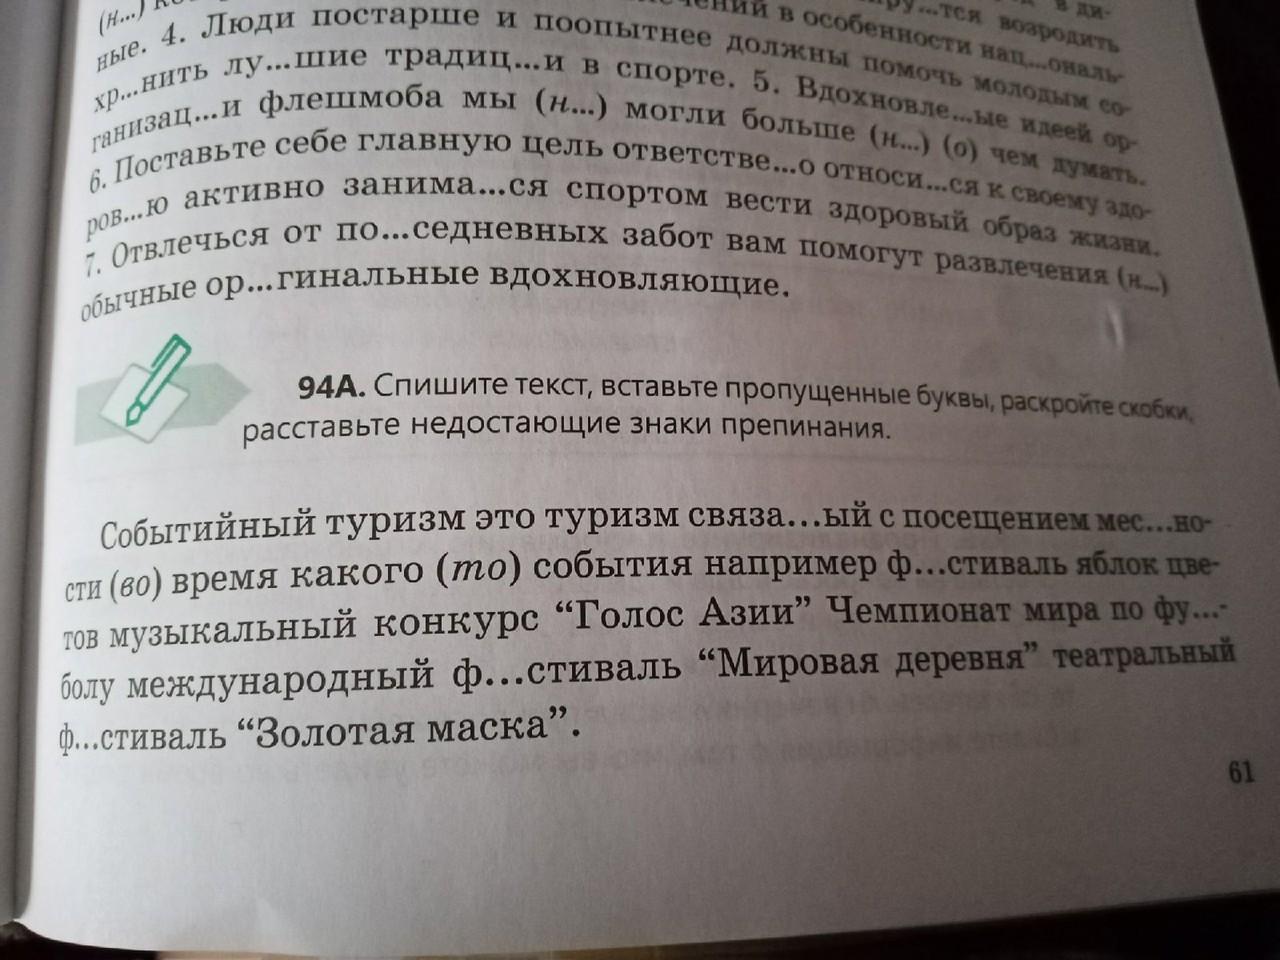 2 Uprazhnenie 94a Spishi Tekst Vstavlyaya Propushennye Bukvy Raskryvaya Skobki Rasstavlyaya Shkolnye Znaniya Com